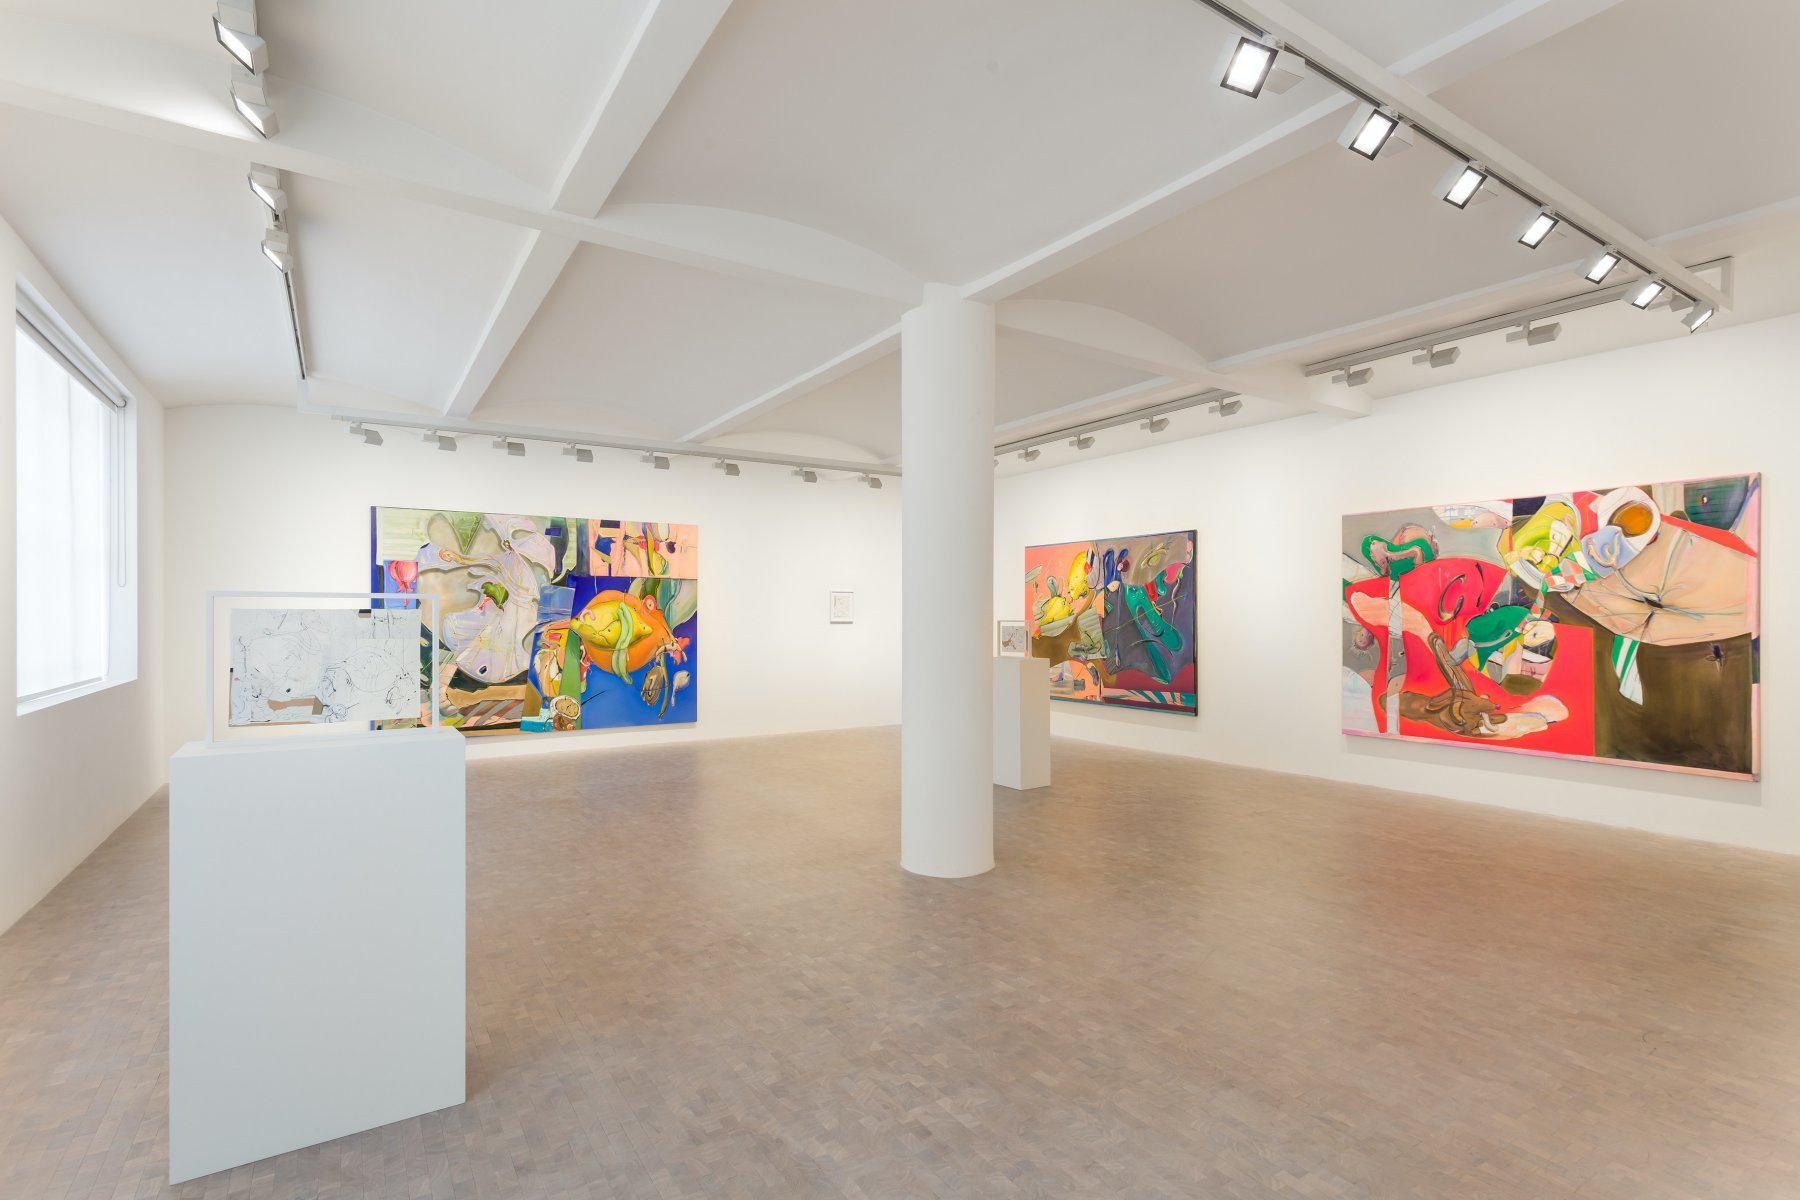 Pippy Houldsworth Gallery Stefanie Heinze 1